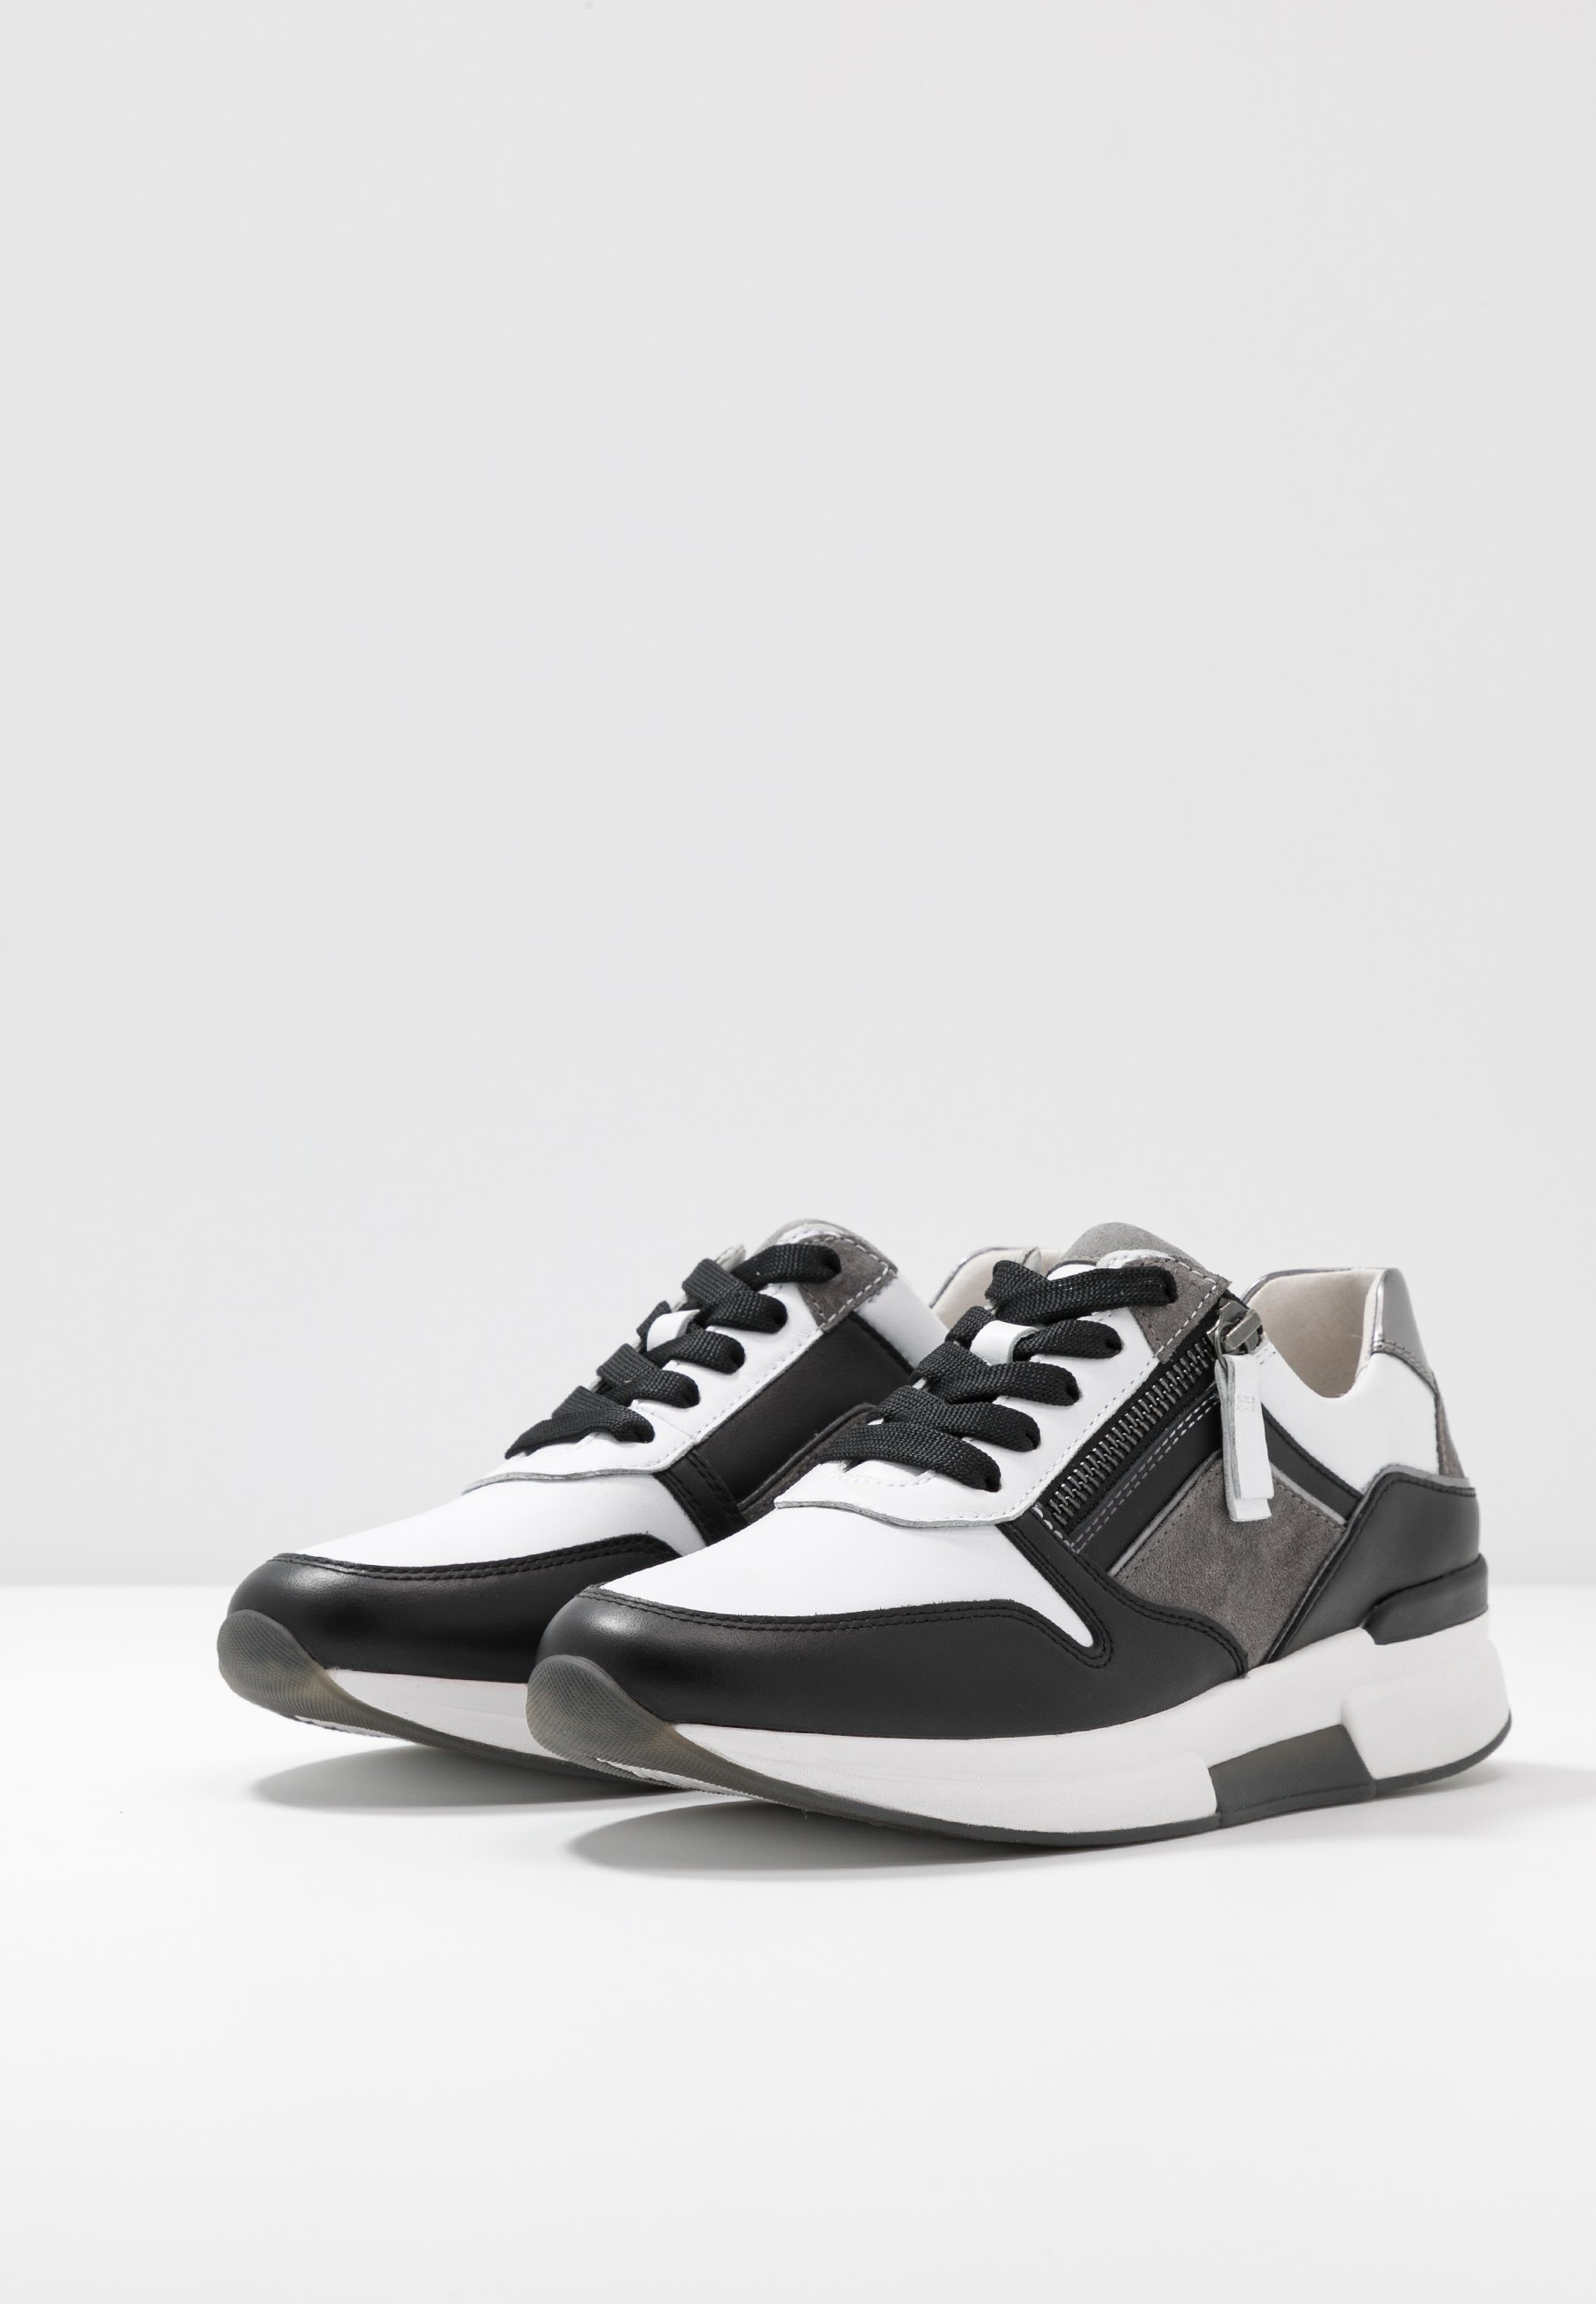 Niesamowita cena Zniżka Gabor Comfort Sneakersy niskie - weiss/stone/schwarz   Obuwie damskie 2020 YfEnq